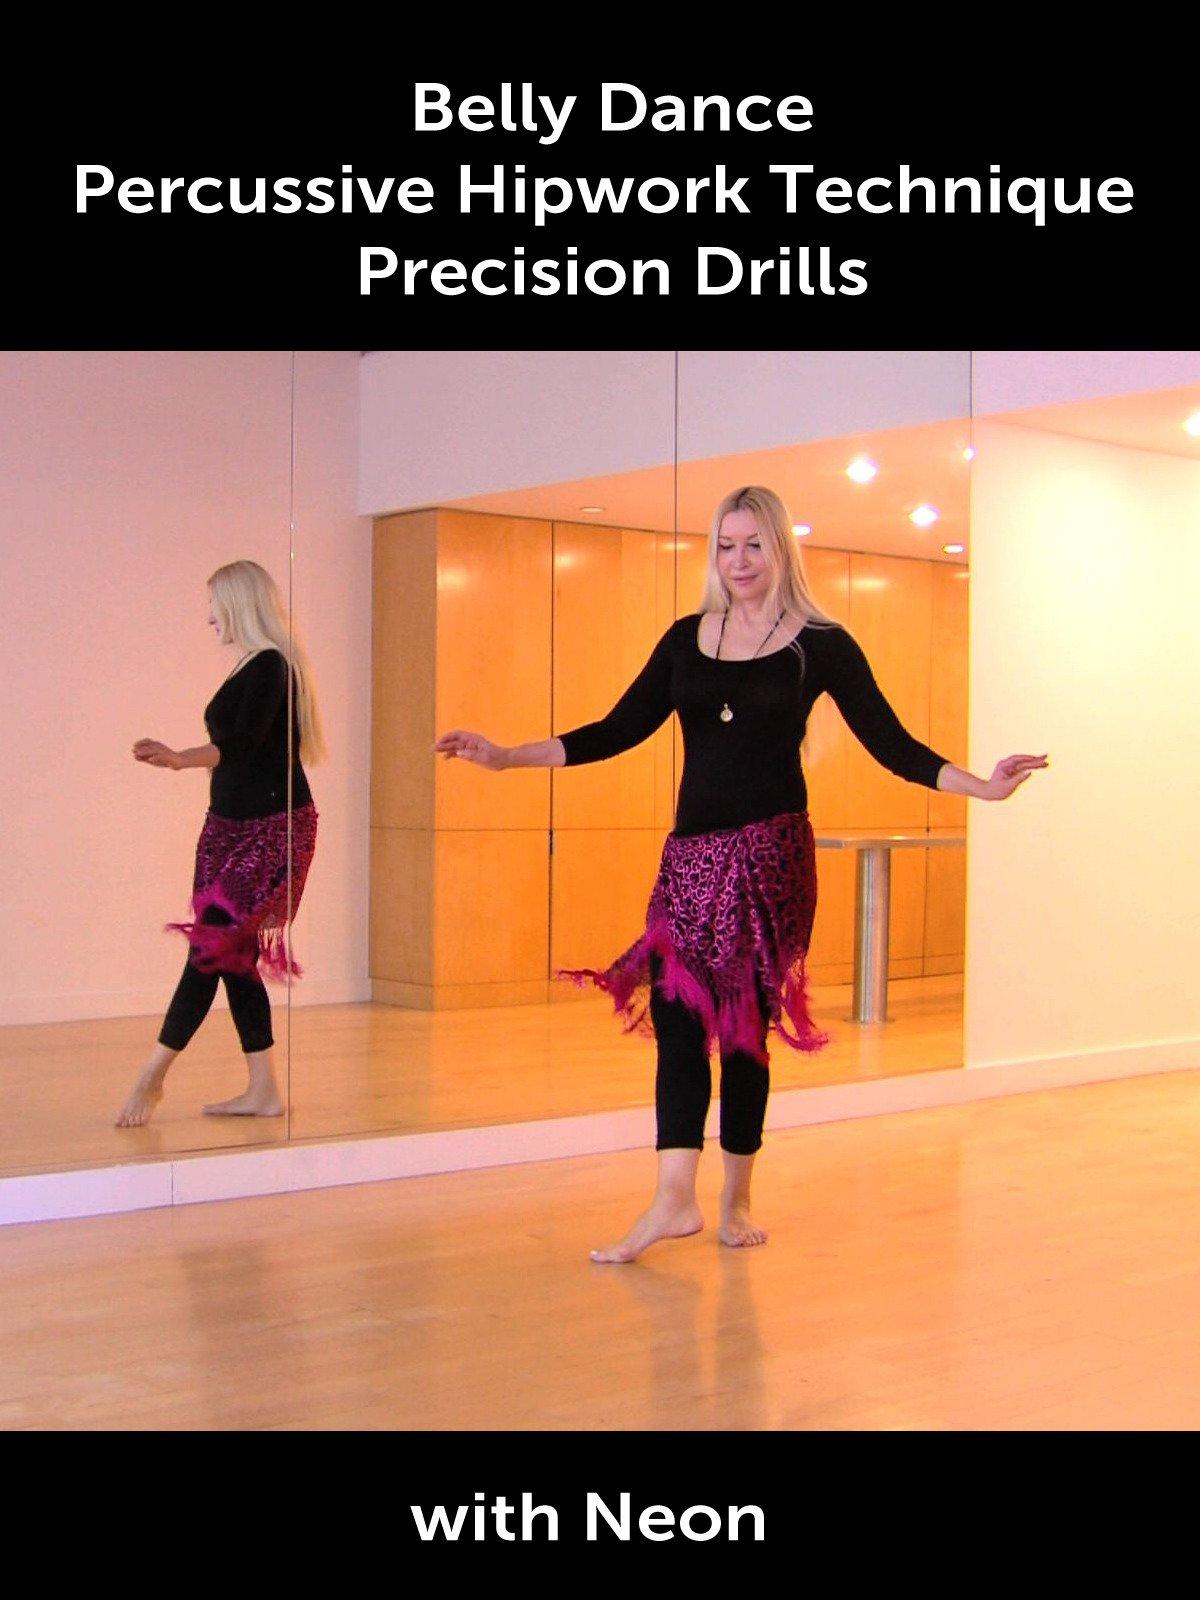 Belly Dance Percussive Hipwork Technique Precision Drills with Neon